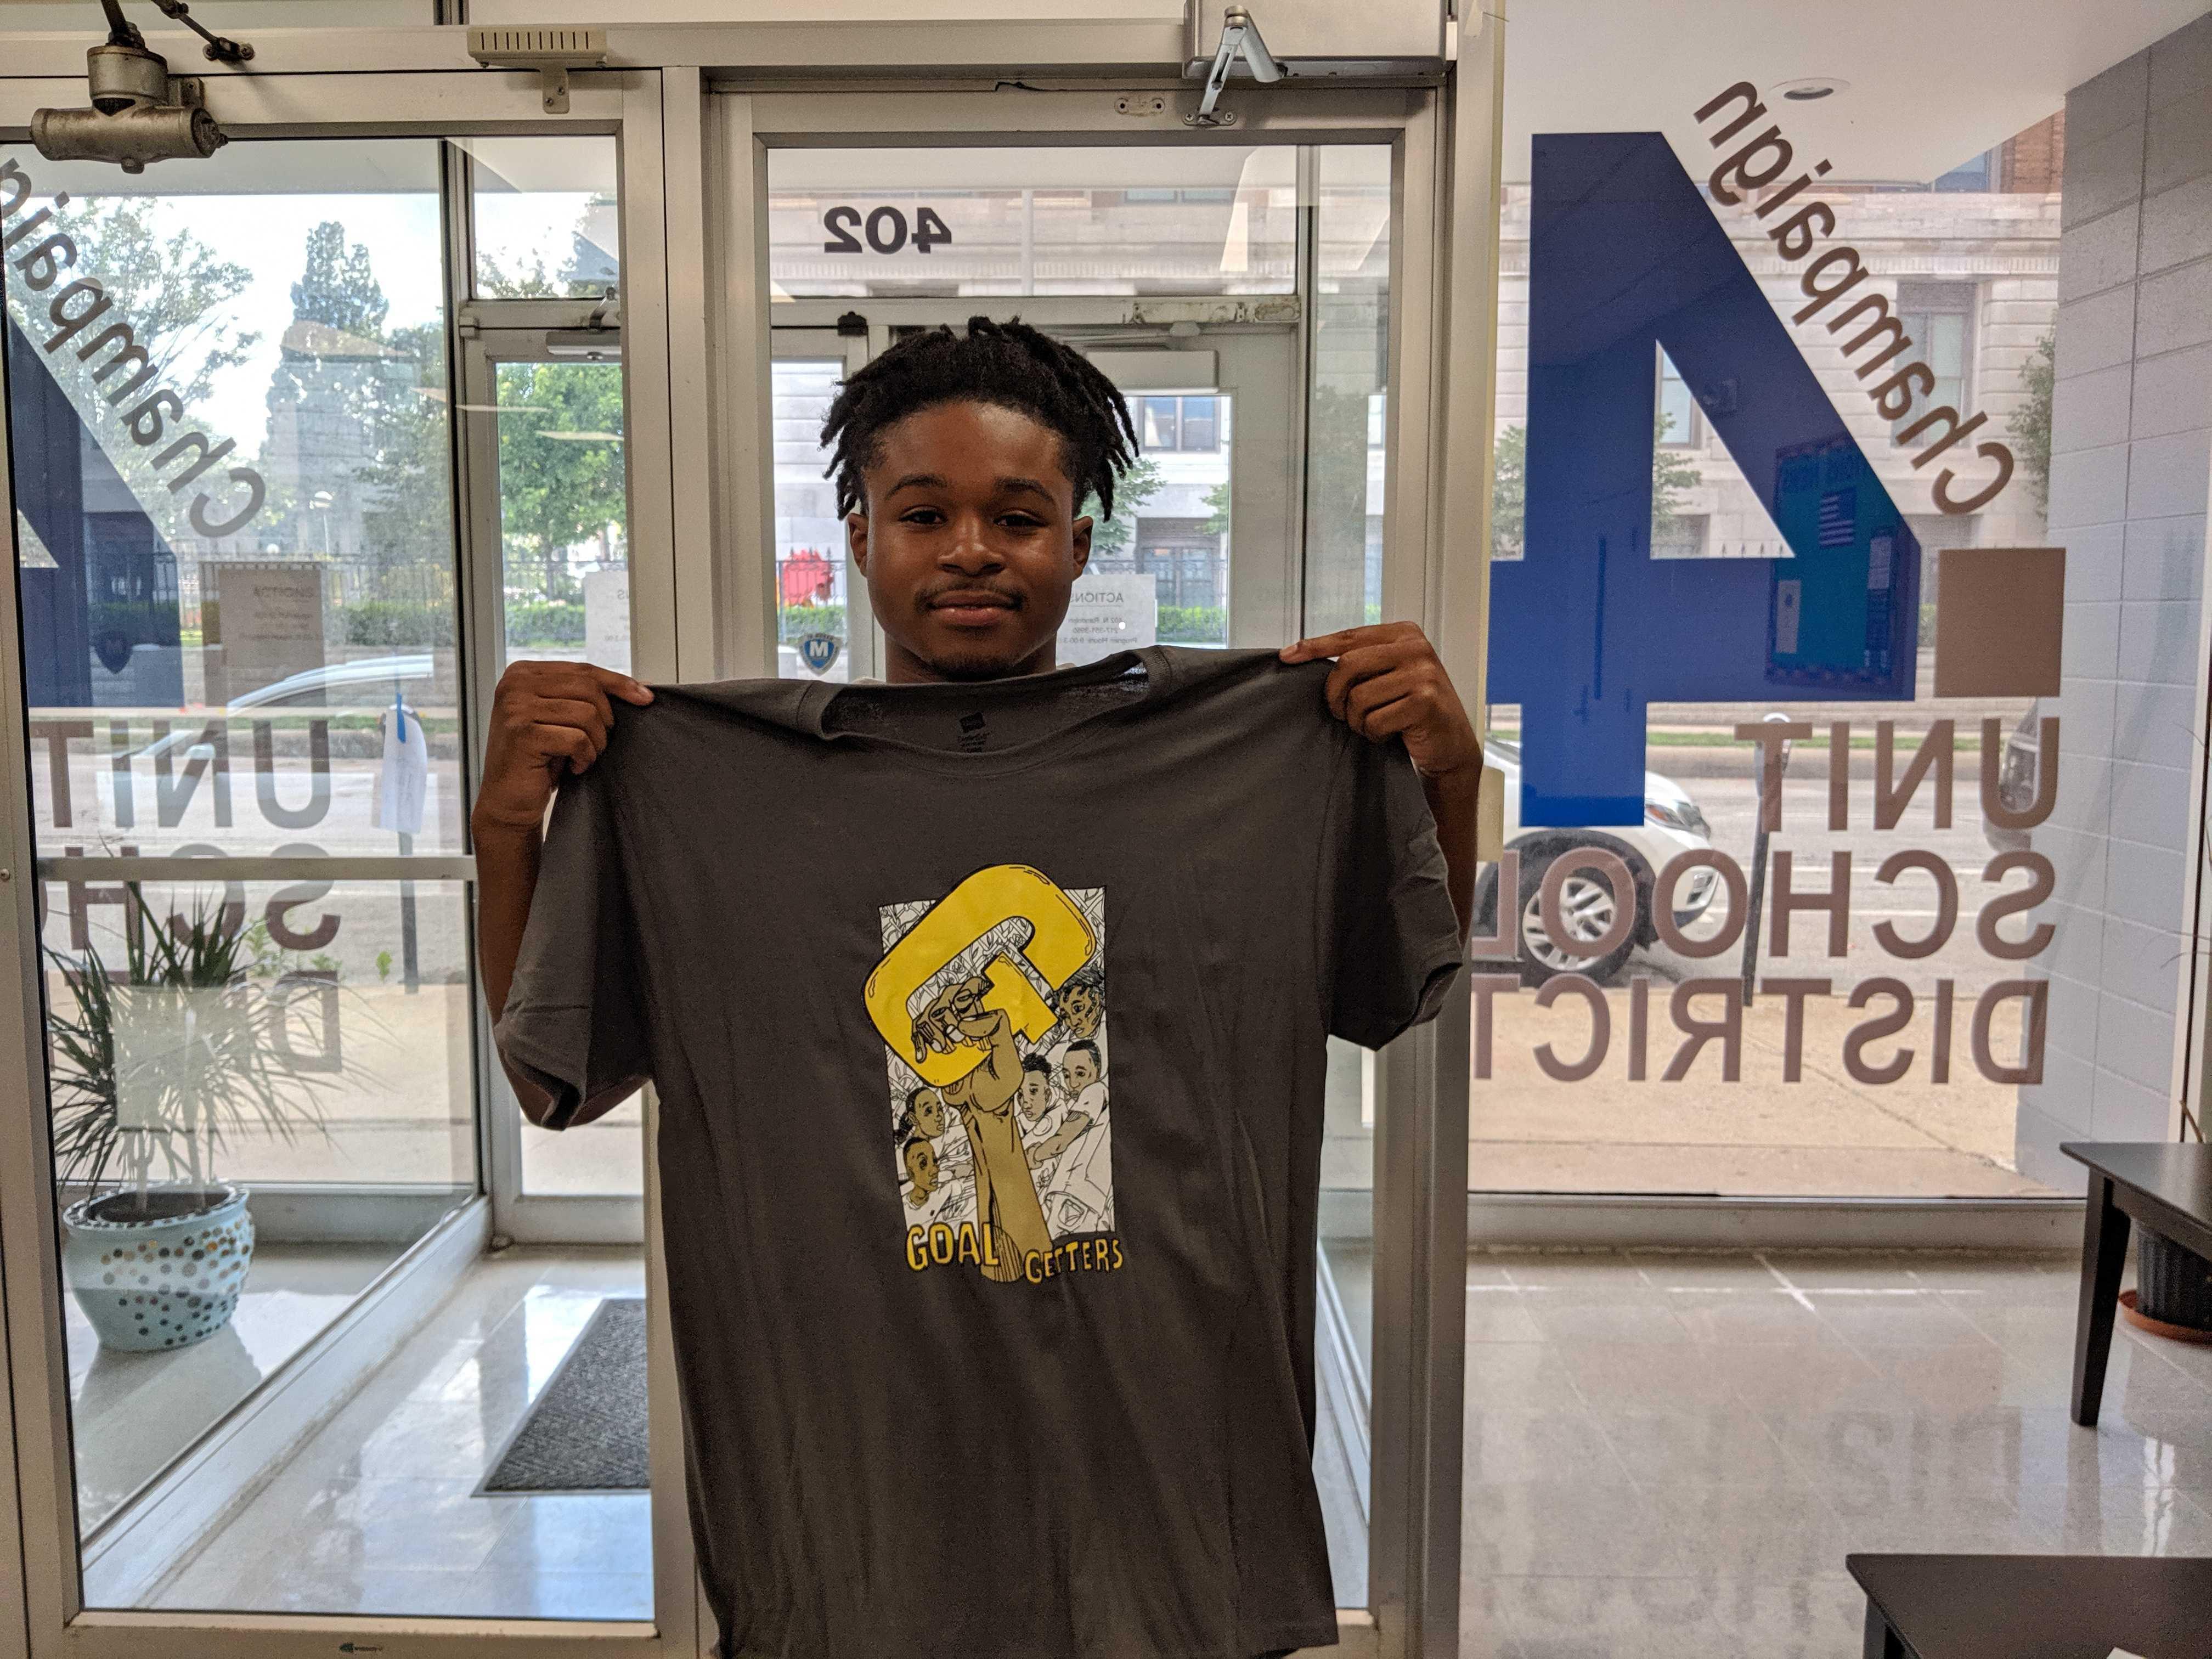 Mekel Brown inside a Unit 4 building holding up a Goal Getter T shirt.